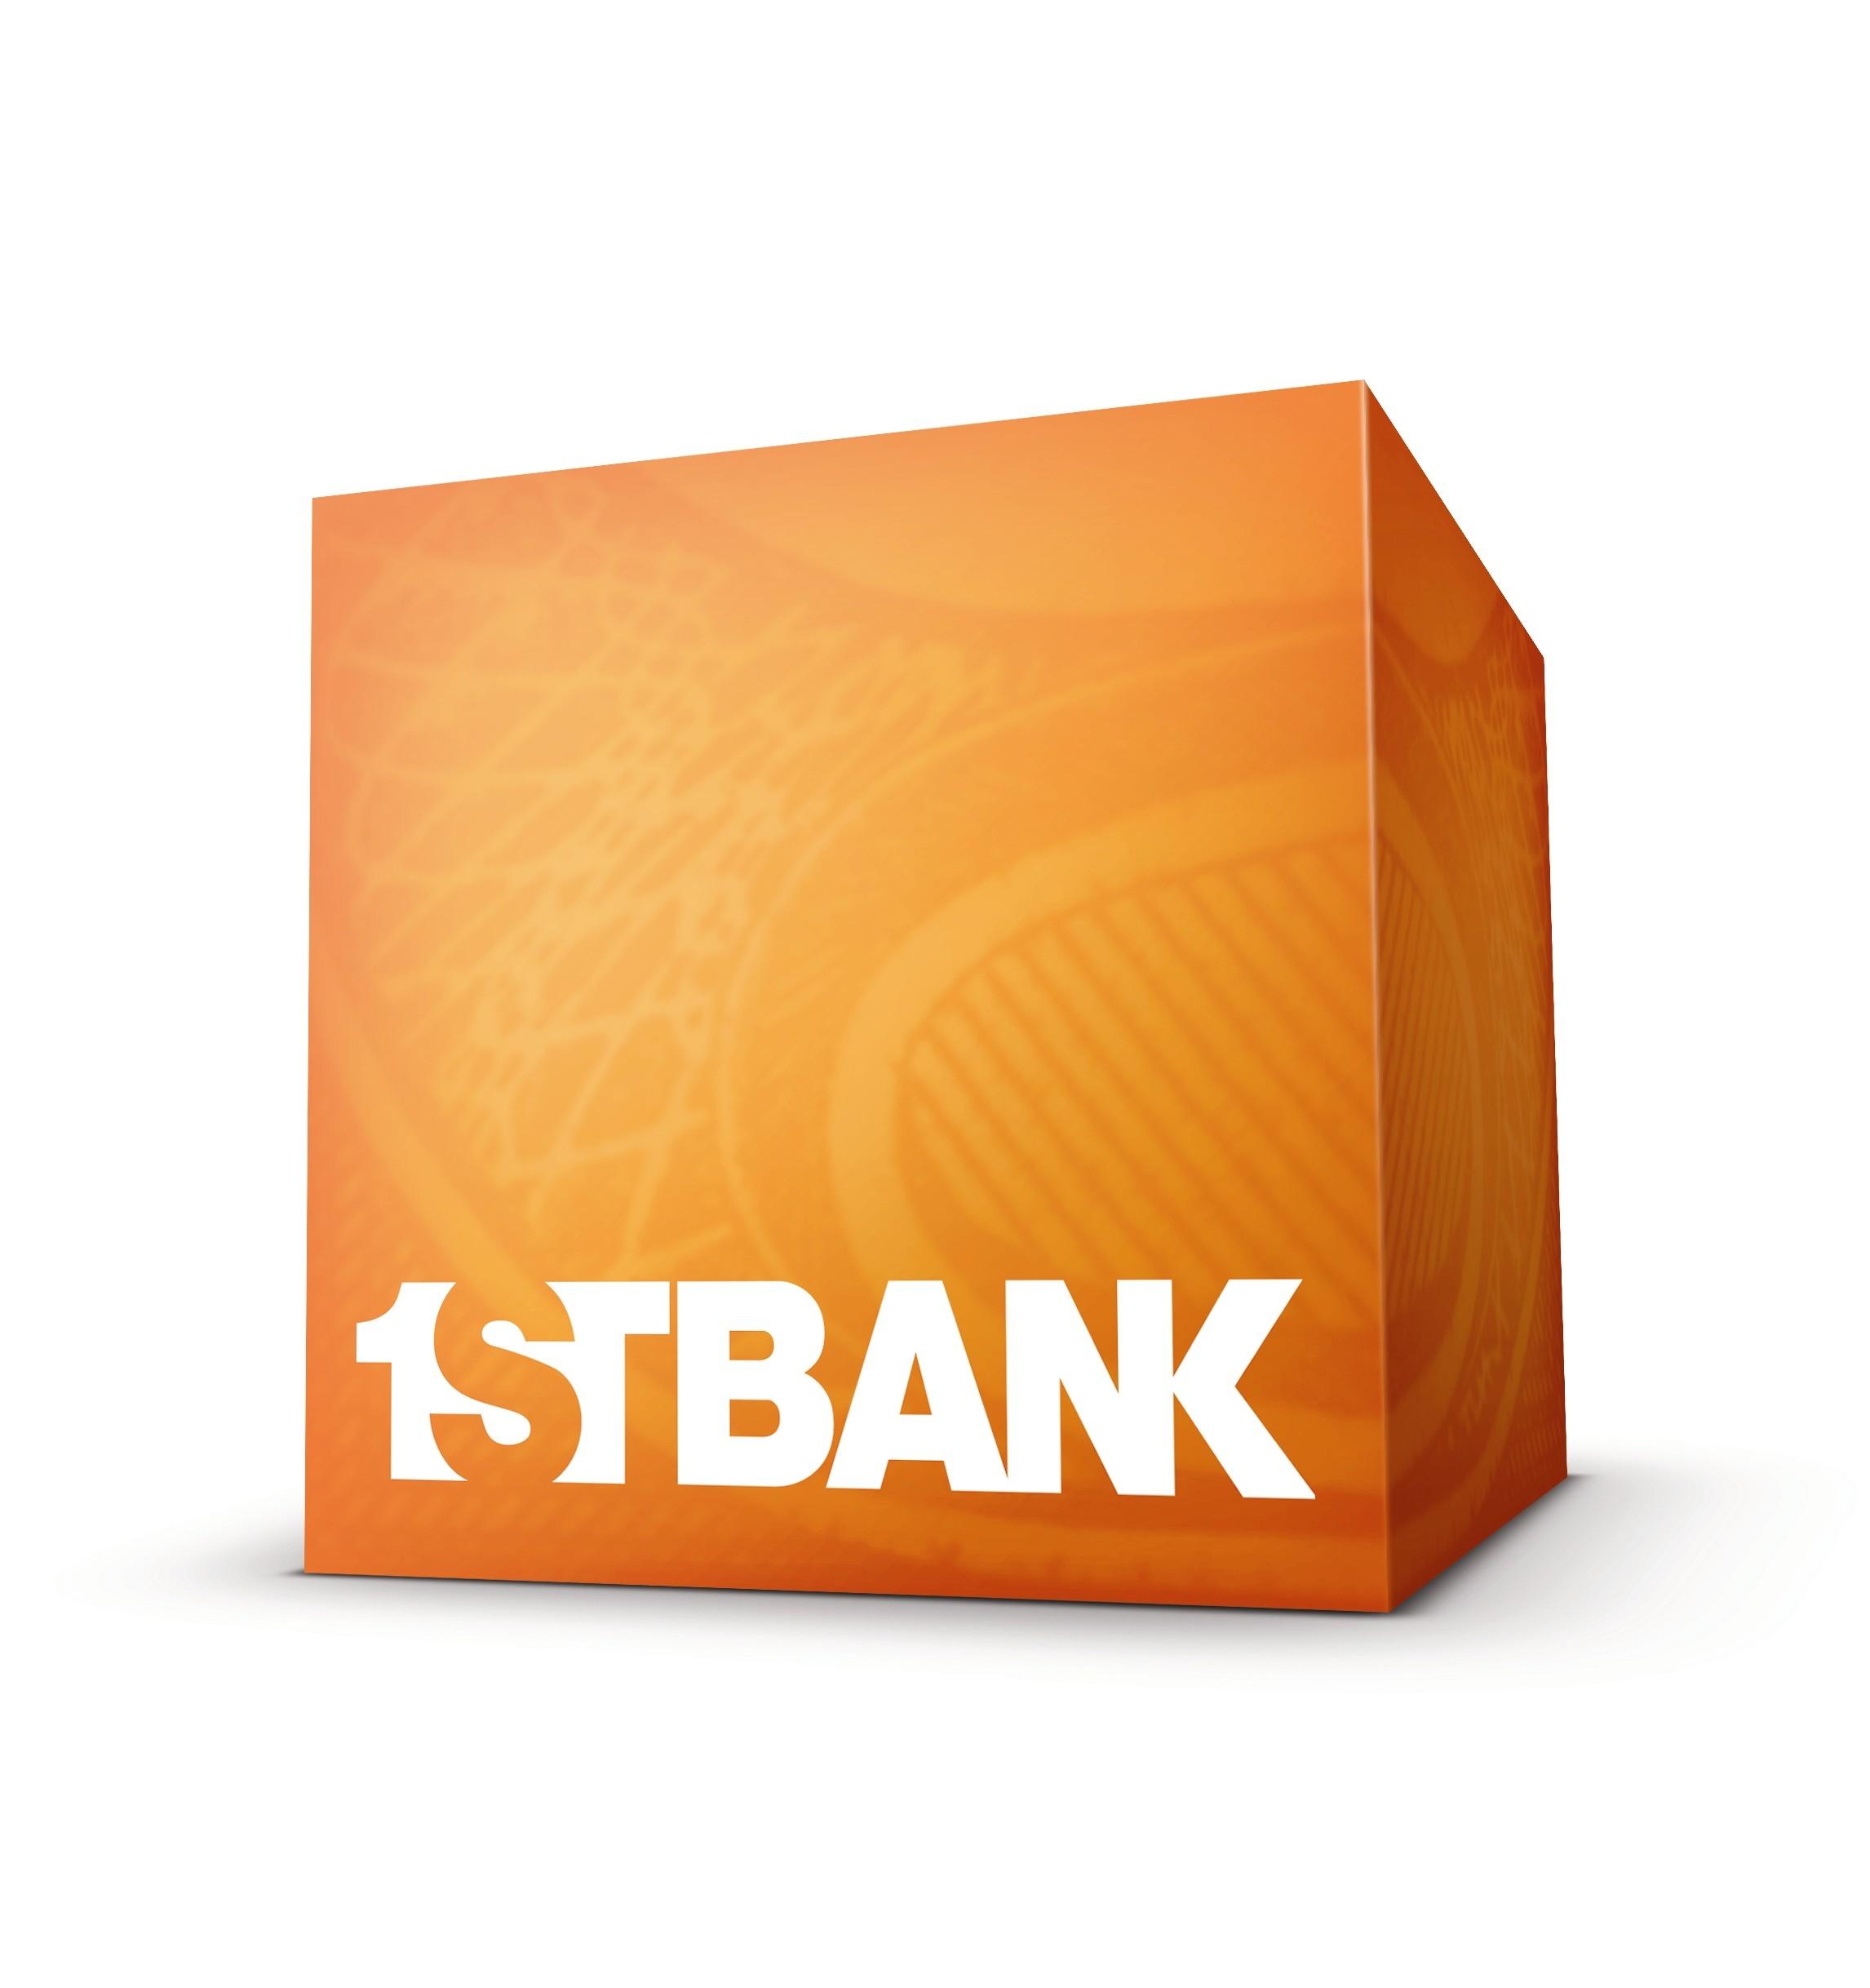 1stBank_logo